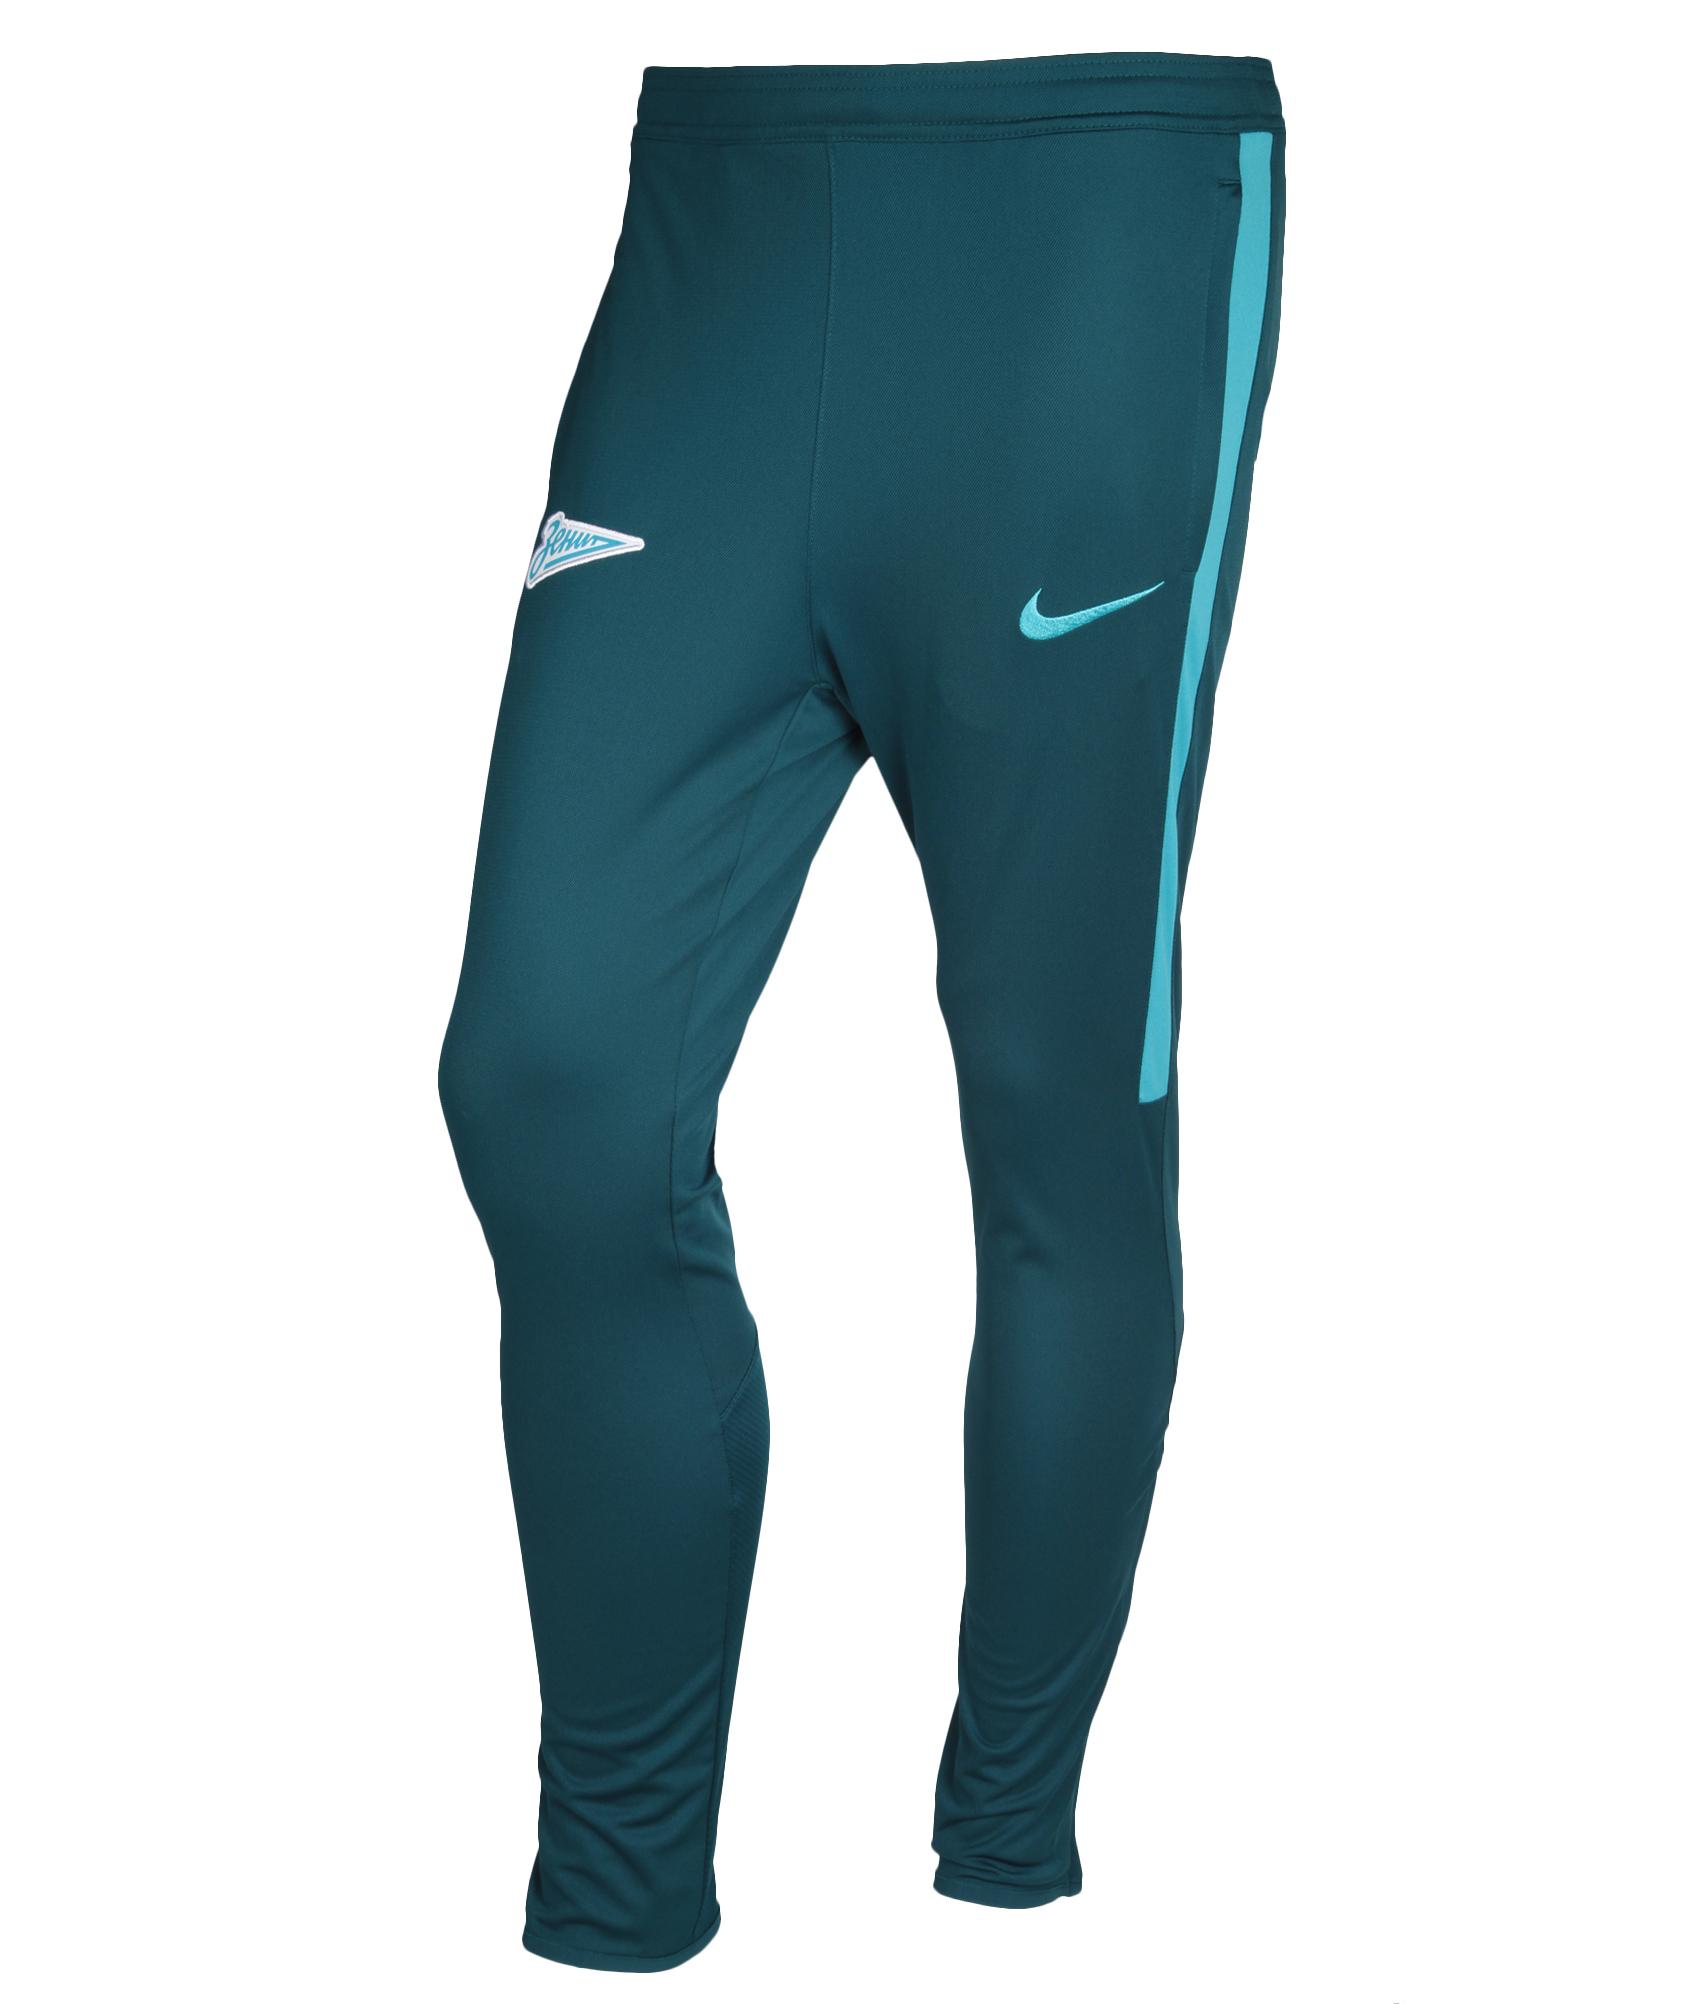 Брюки от костюма Nike, Размер-S брюки д костюма puma spirit 65363703 m чёрный